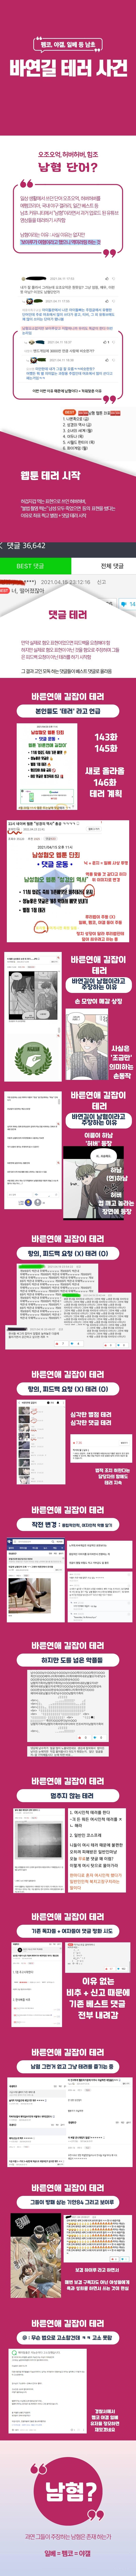 현재 테러당하고있는 웹툰 바른연애길잡이 상황 정리 | 인스티즈